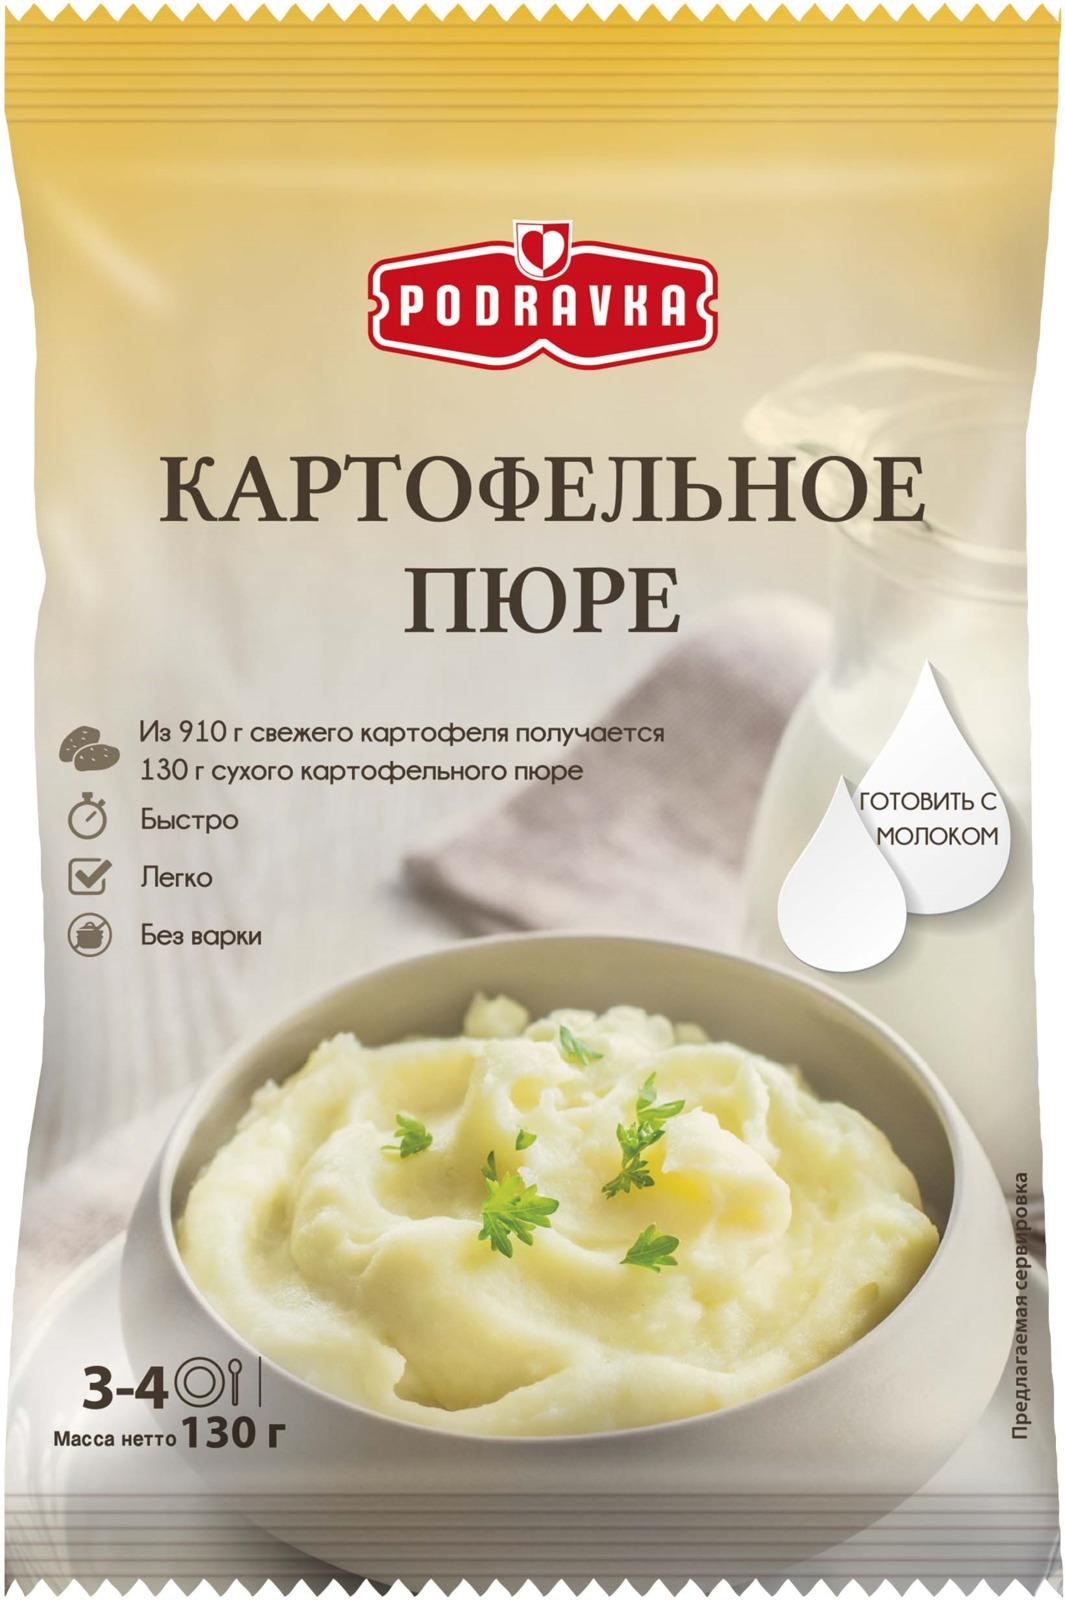 Podravka Картофельное пюре, 130 г пюре podravka картофельное